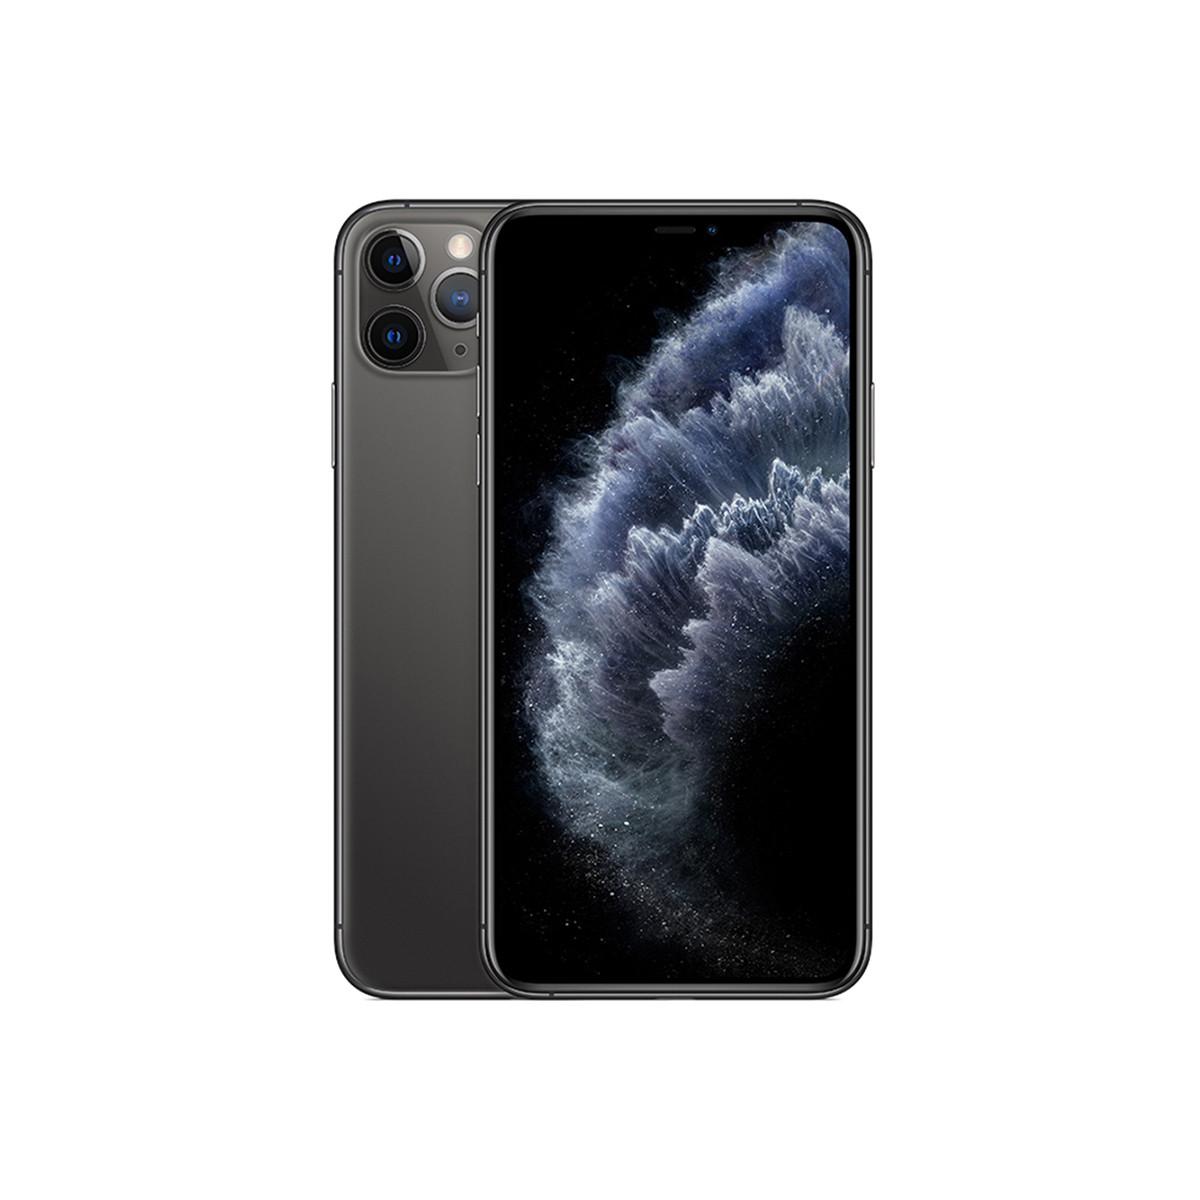 苹果iPhone 11 Pro Max 【转接头套餐】双卡双待 全网通 4G手机苹果iphone11Pro Max-TC1深空灰